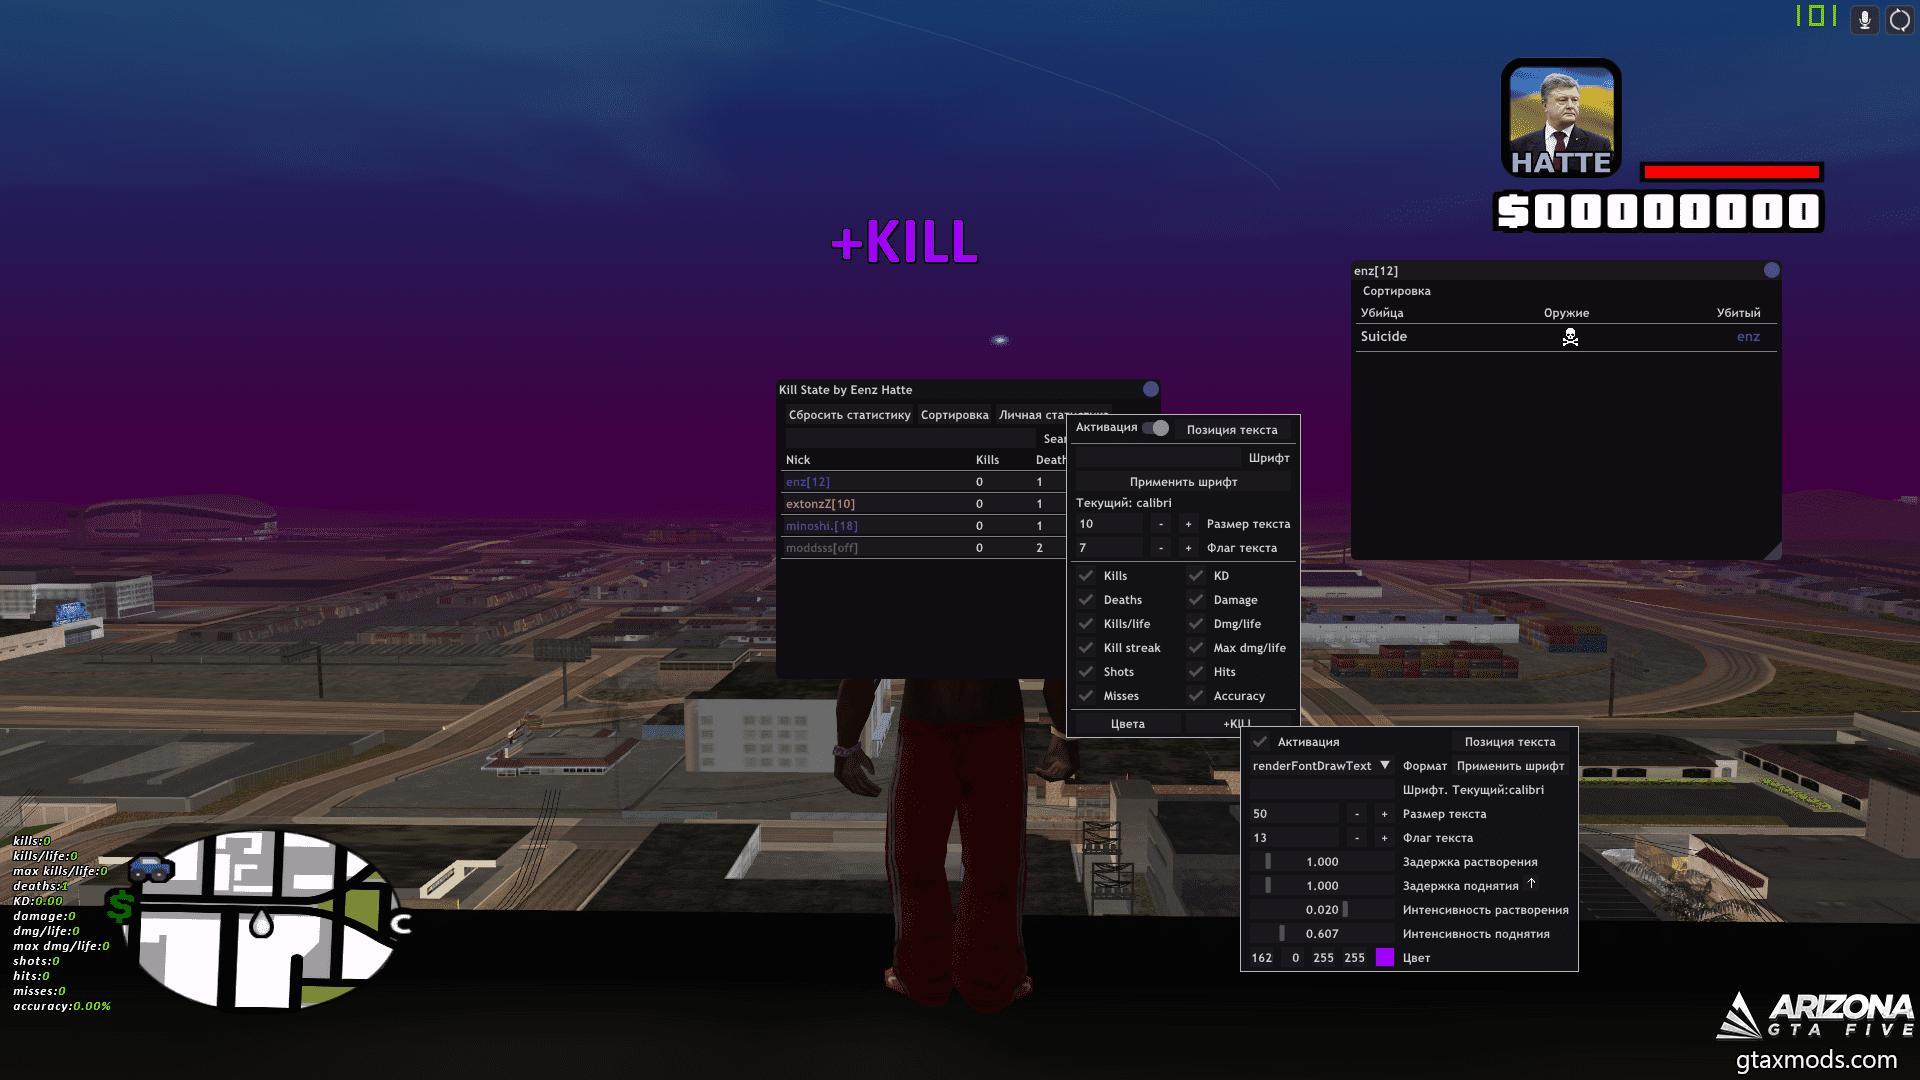 [LUA] Kill State